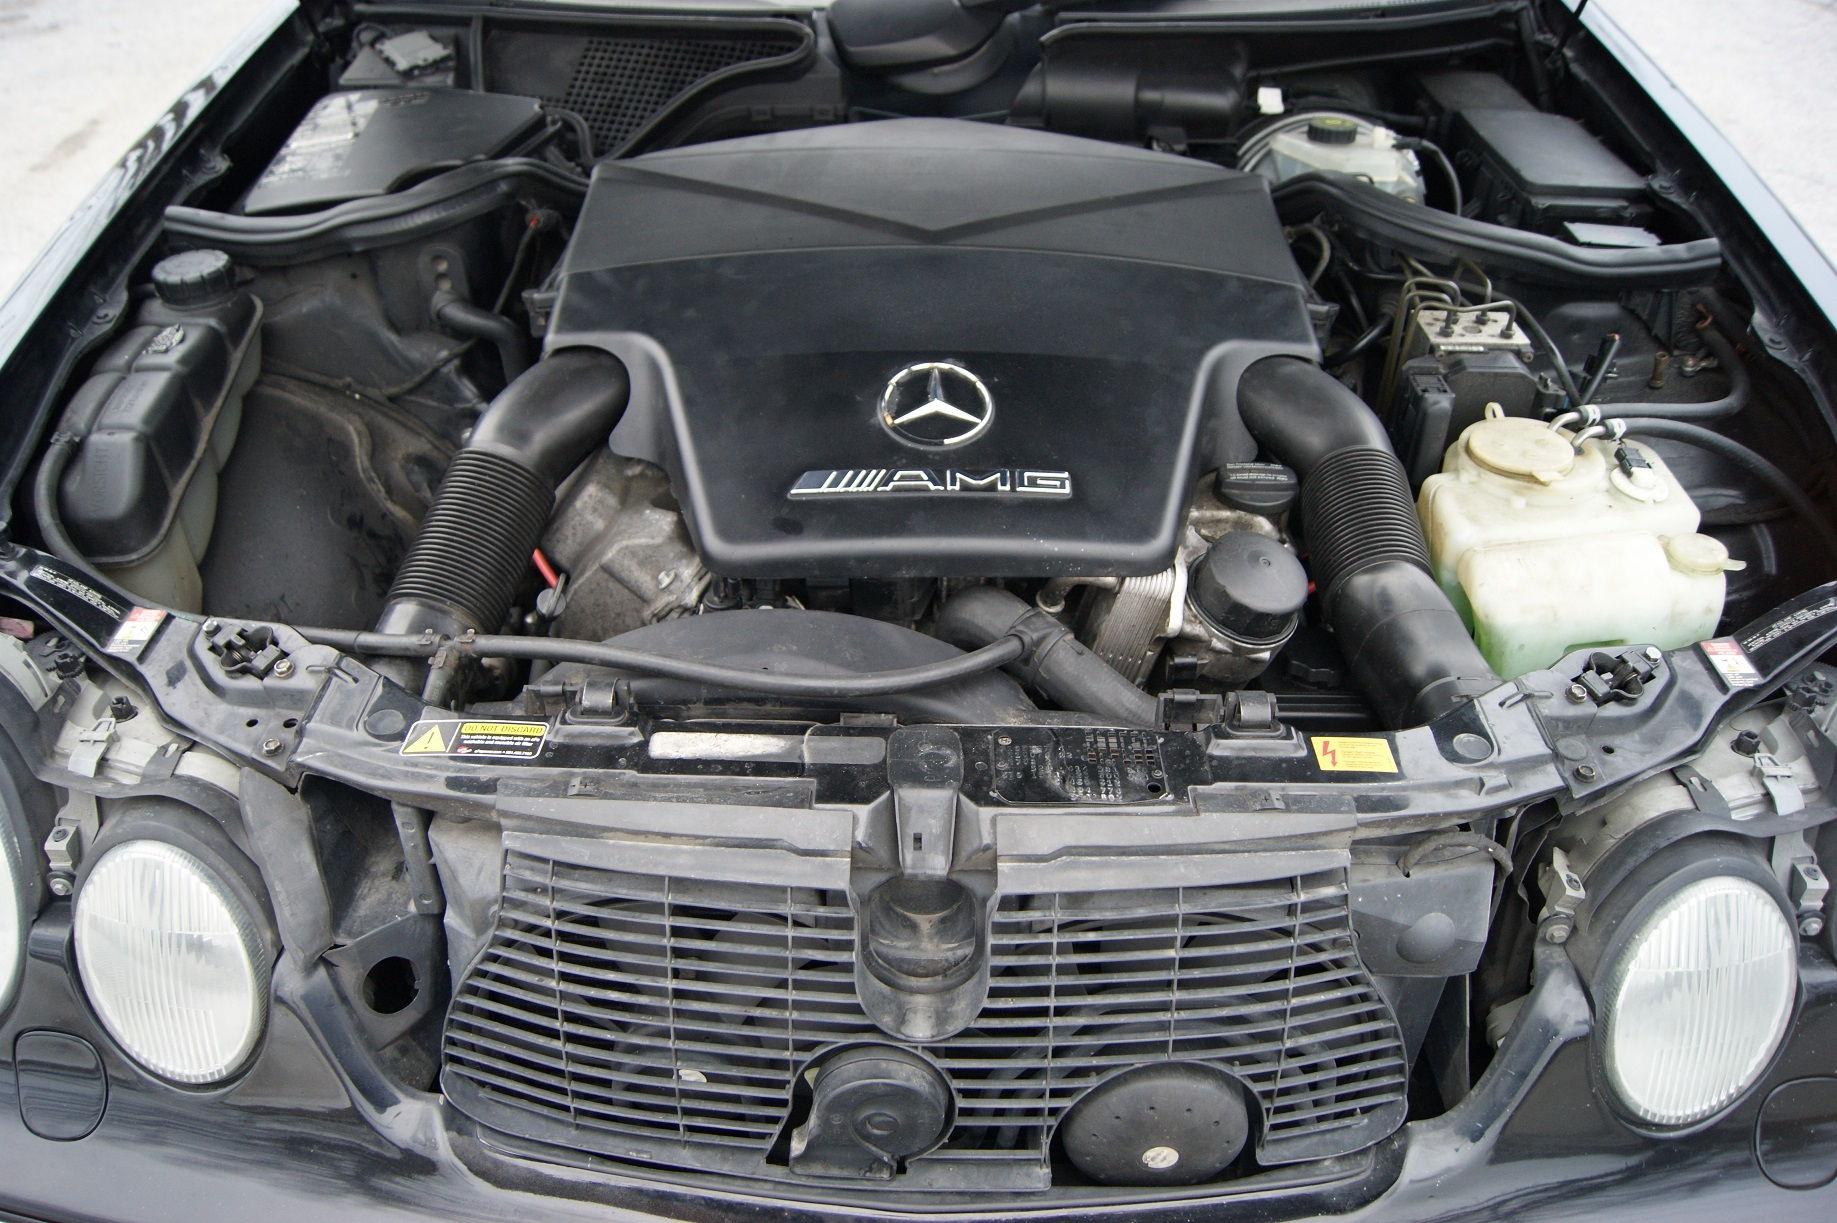 Fs 2002 Mercedes E55 Amg W210 9000 On Canada